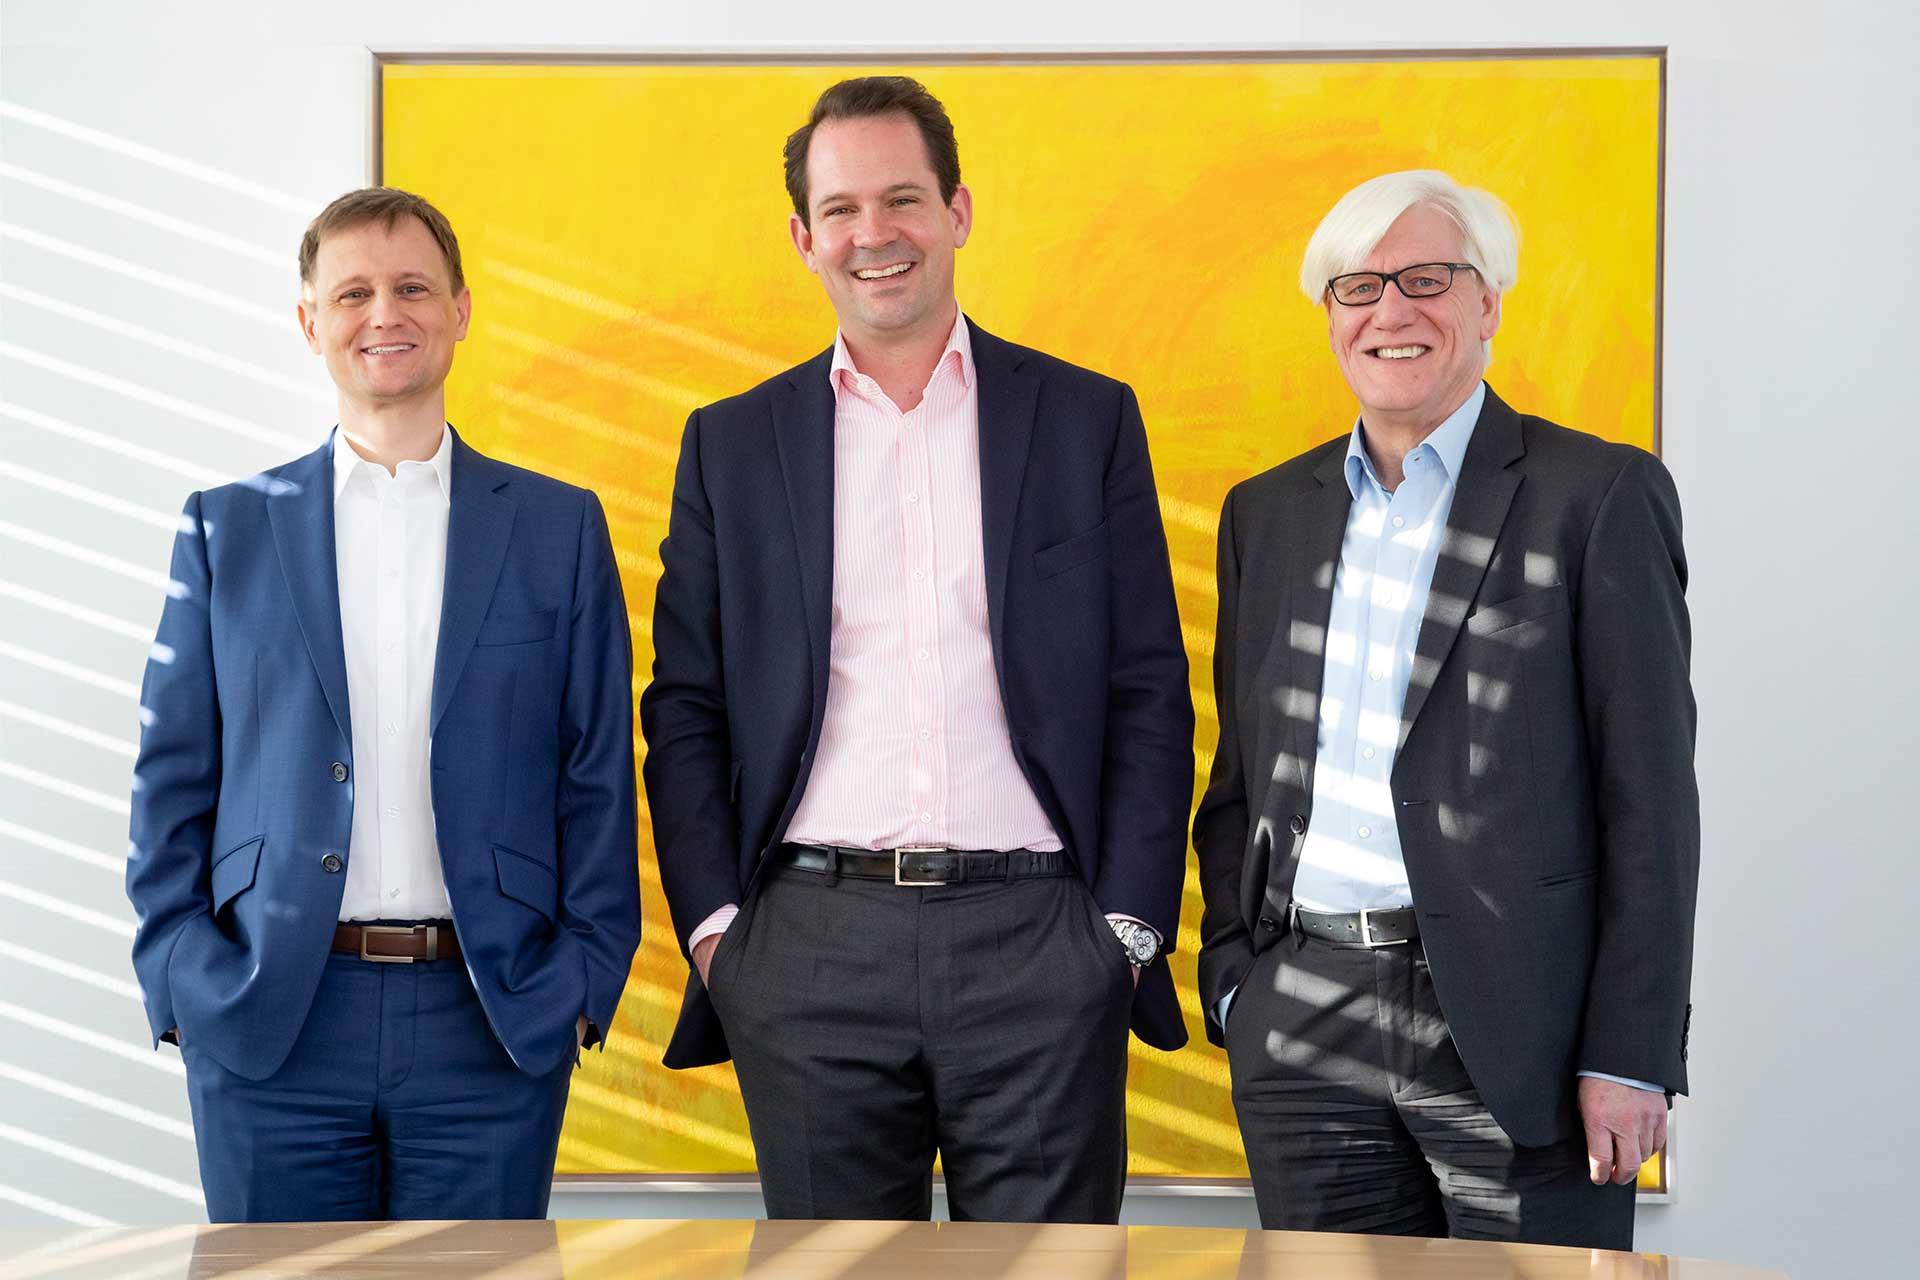 REIFF-Gruppe Geschäftsführung: Tim Steinel, Alec Reiff (Vorsitz), Manfred Braun